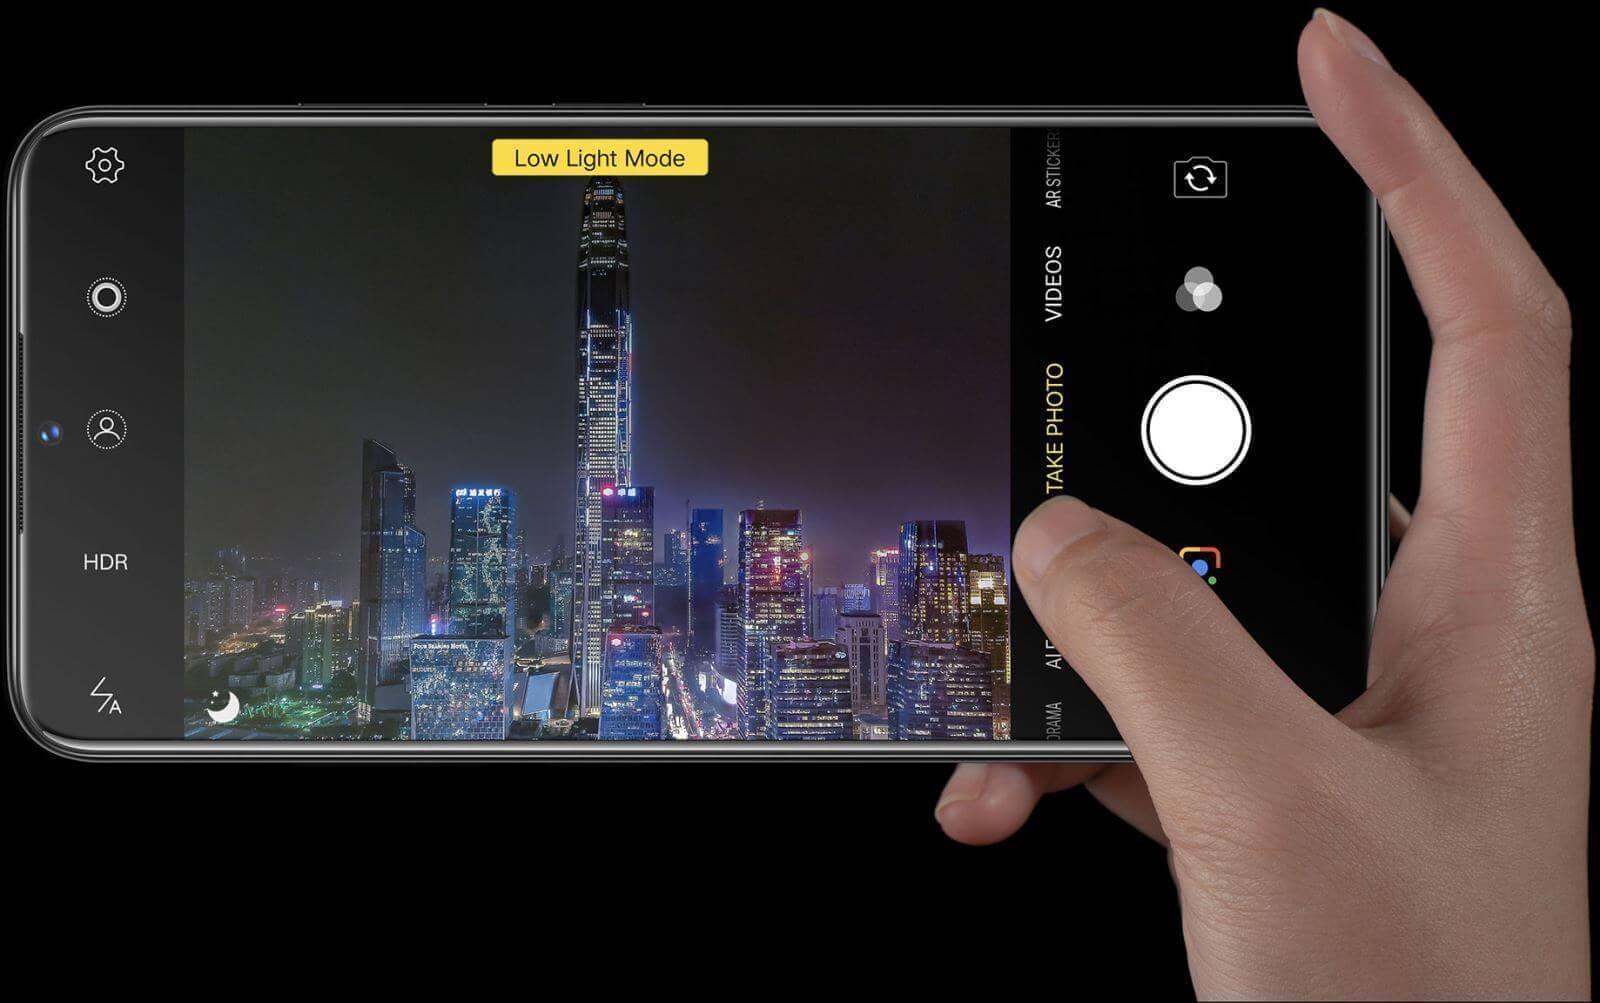 Chụp đêm bằng điện thoại vivo sáng rõ, sắc nét